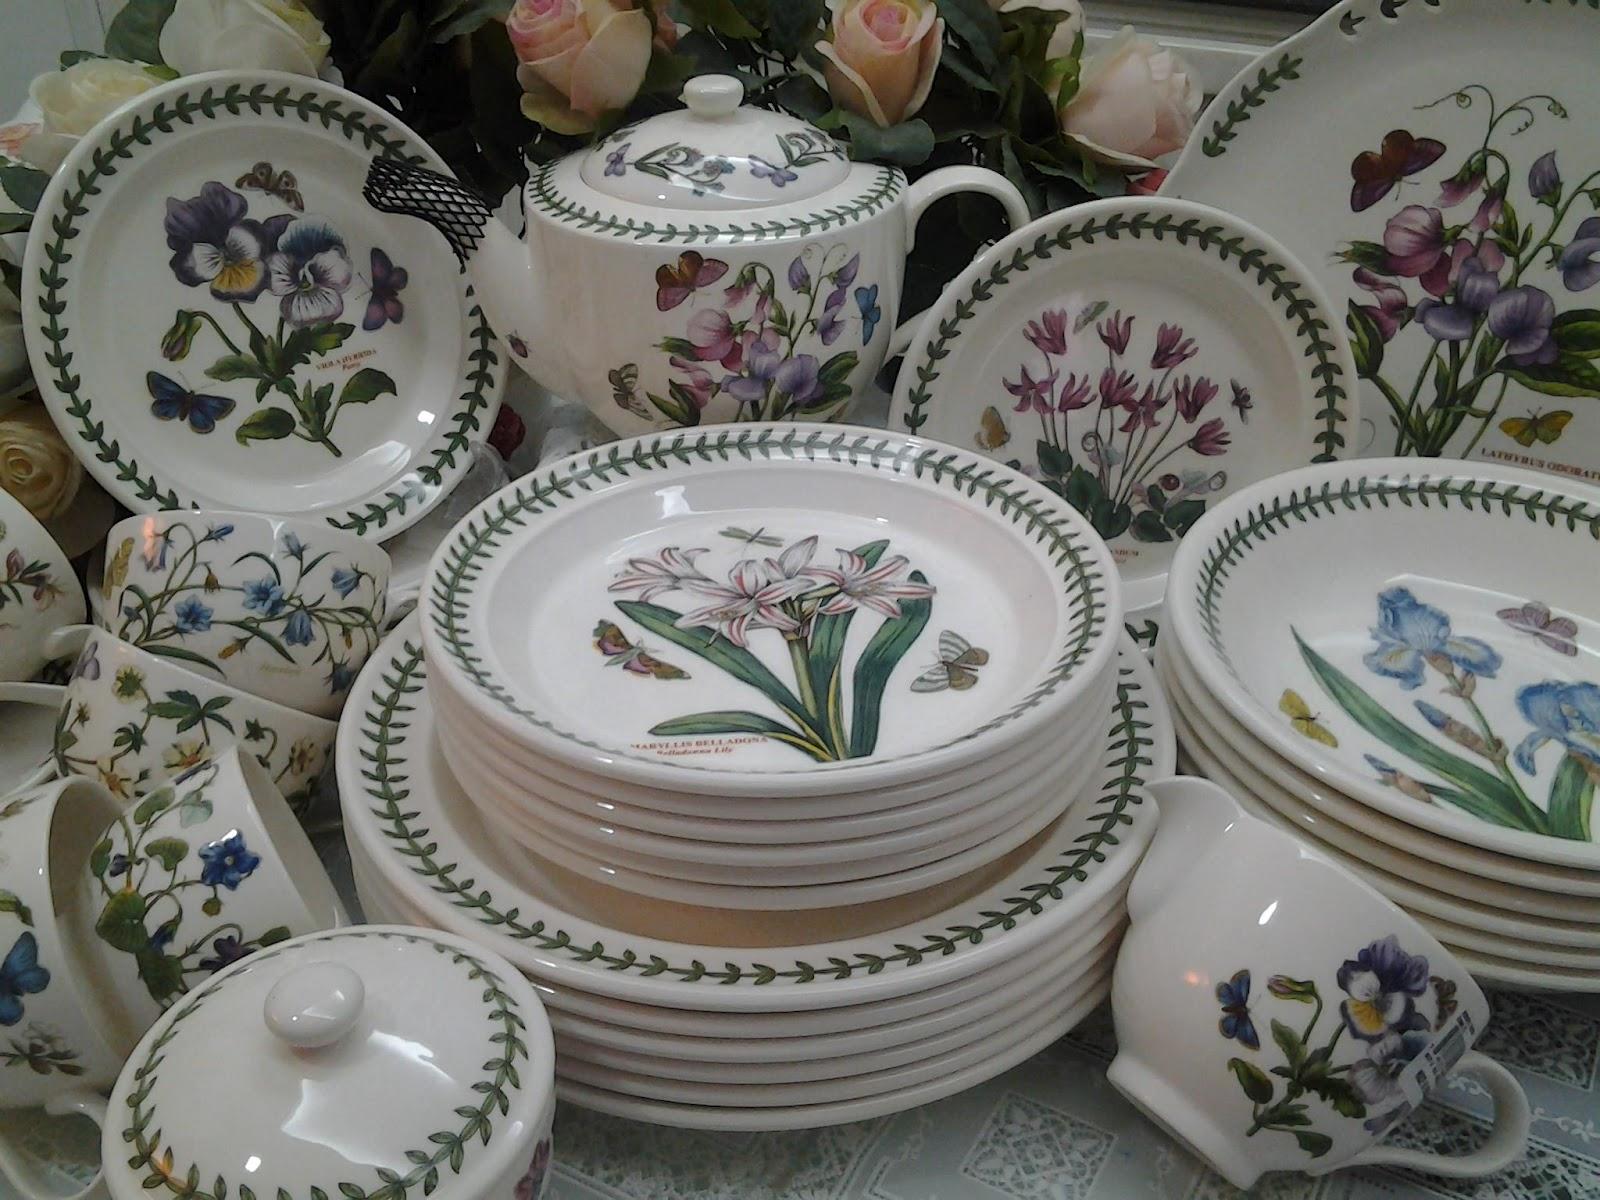 Lovely Treasures from English Garden: Portmeirion Botanic ...